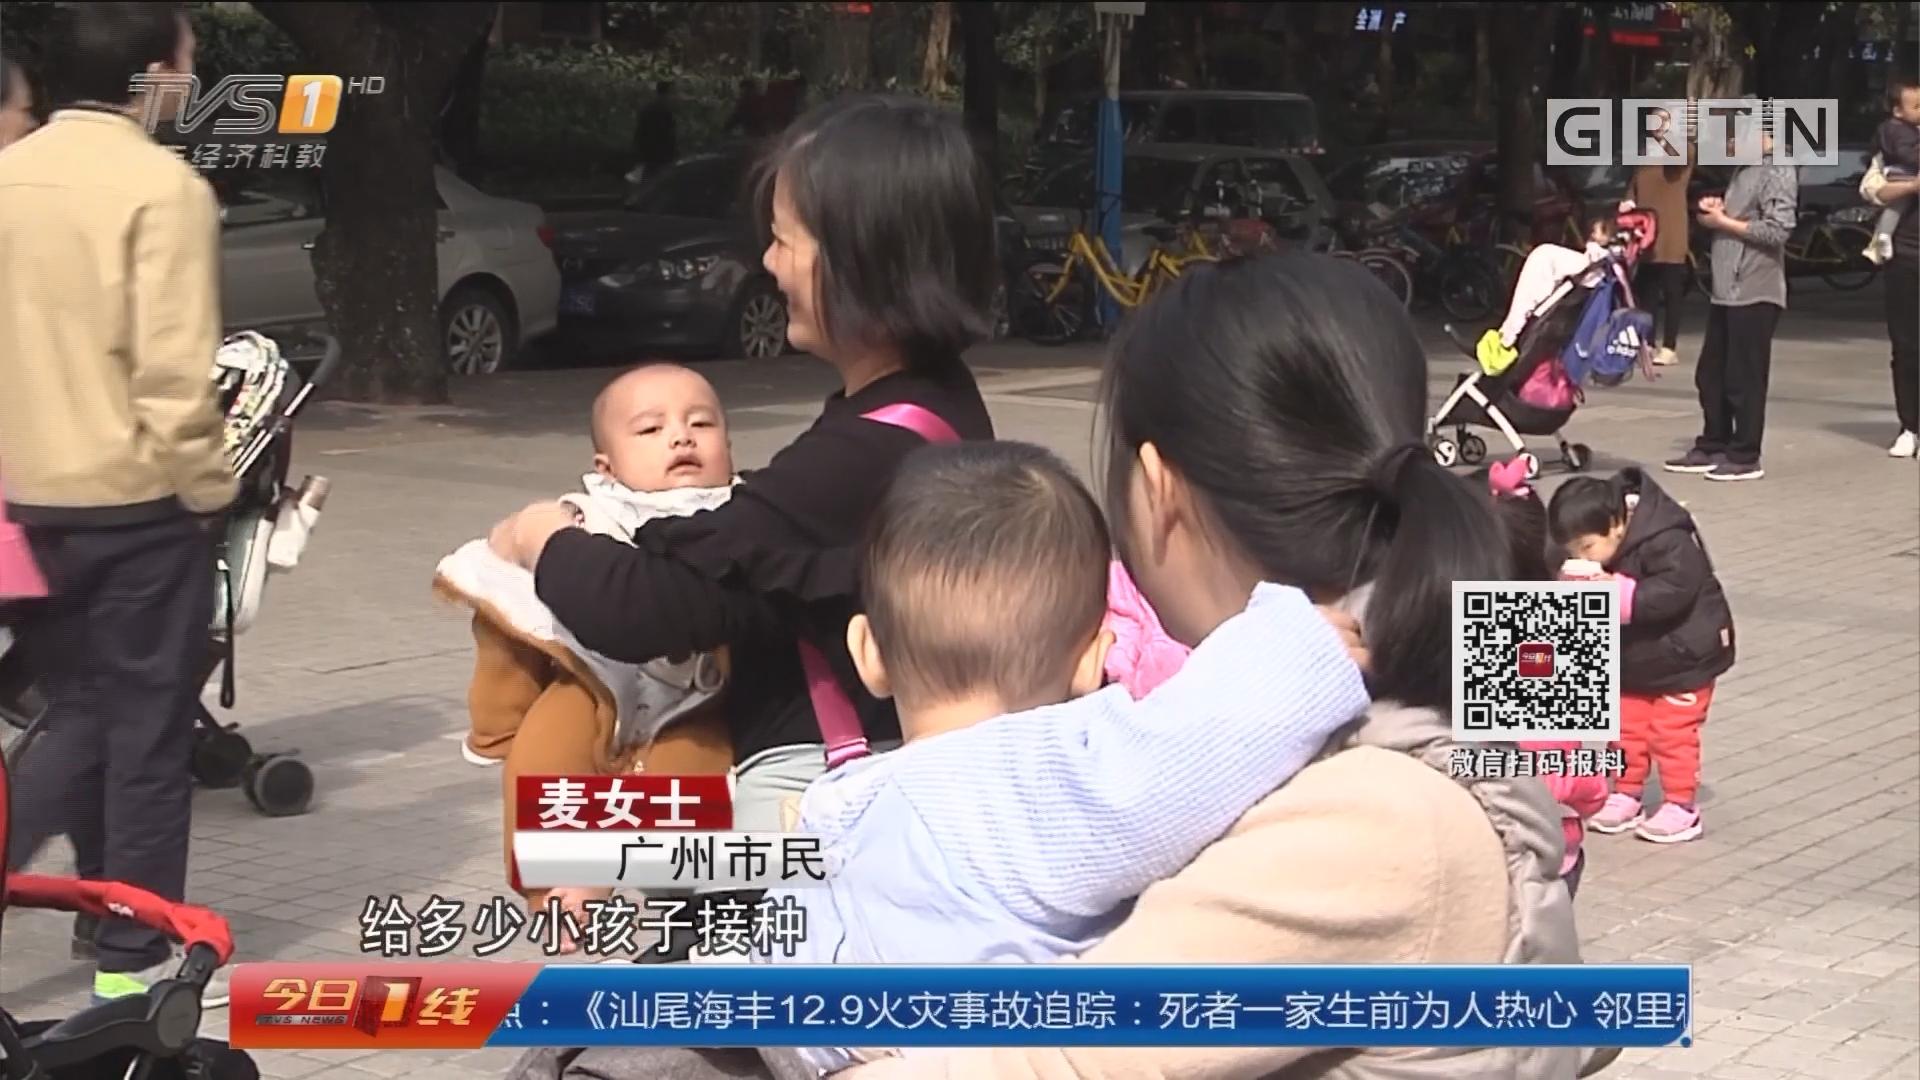 广东:疫苗缺货 省疾控已敦促企业尽快应急